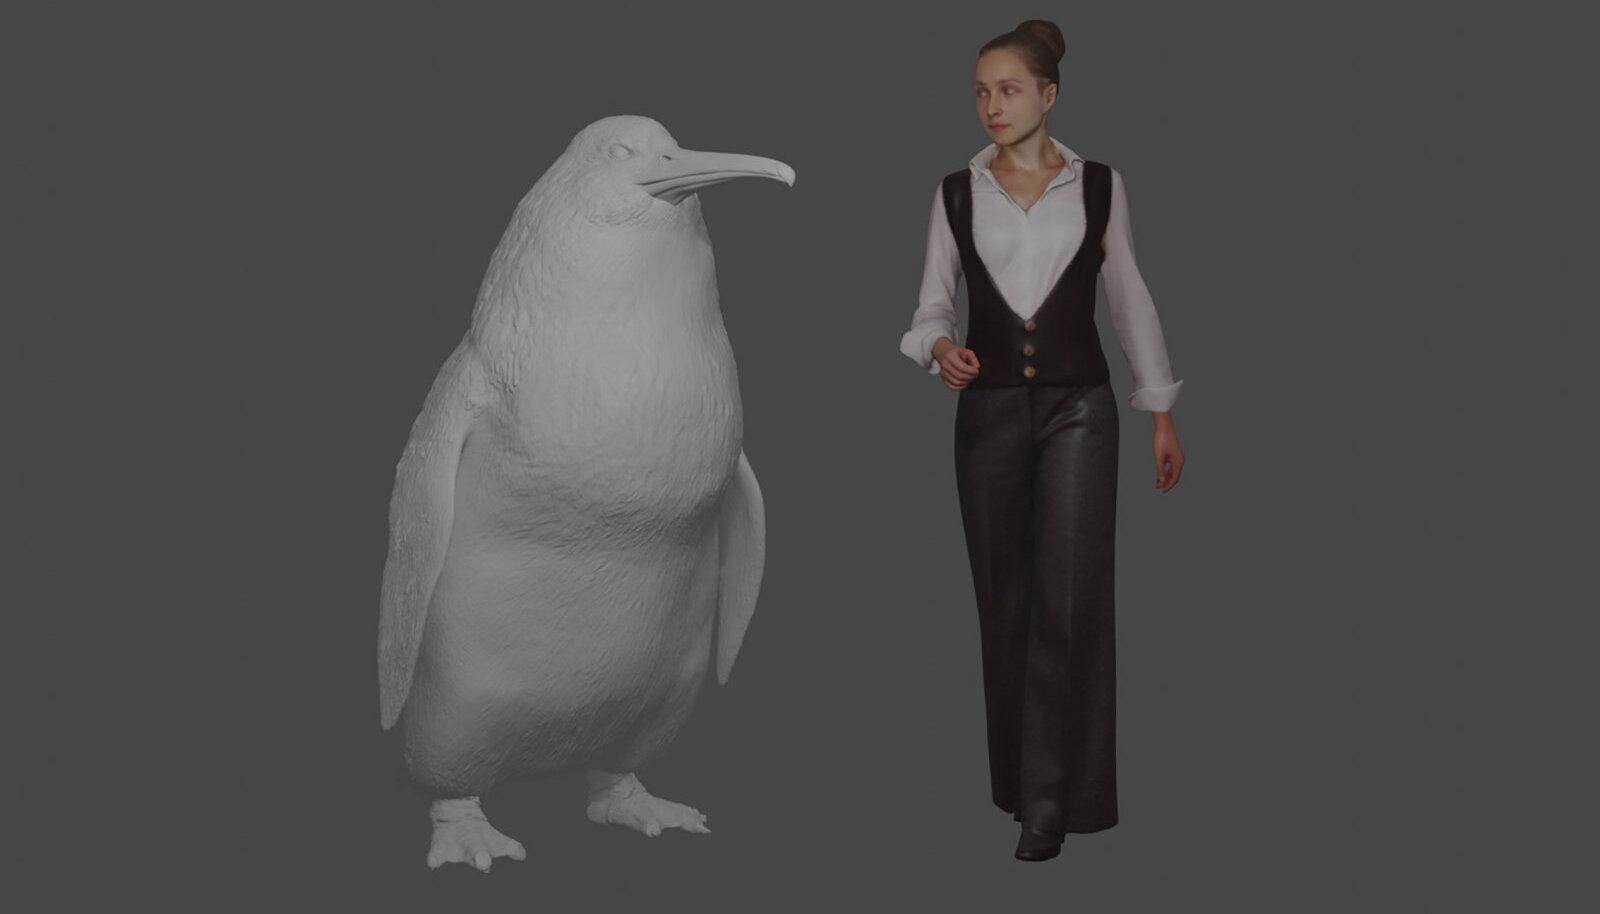 Canterbury muuseumi illustratsioon kujutab pingviini suurust inimesega võrreldes.